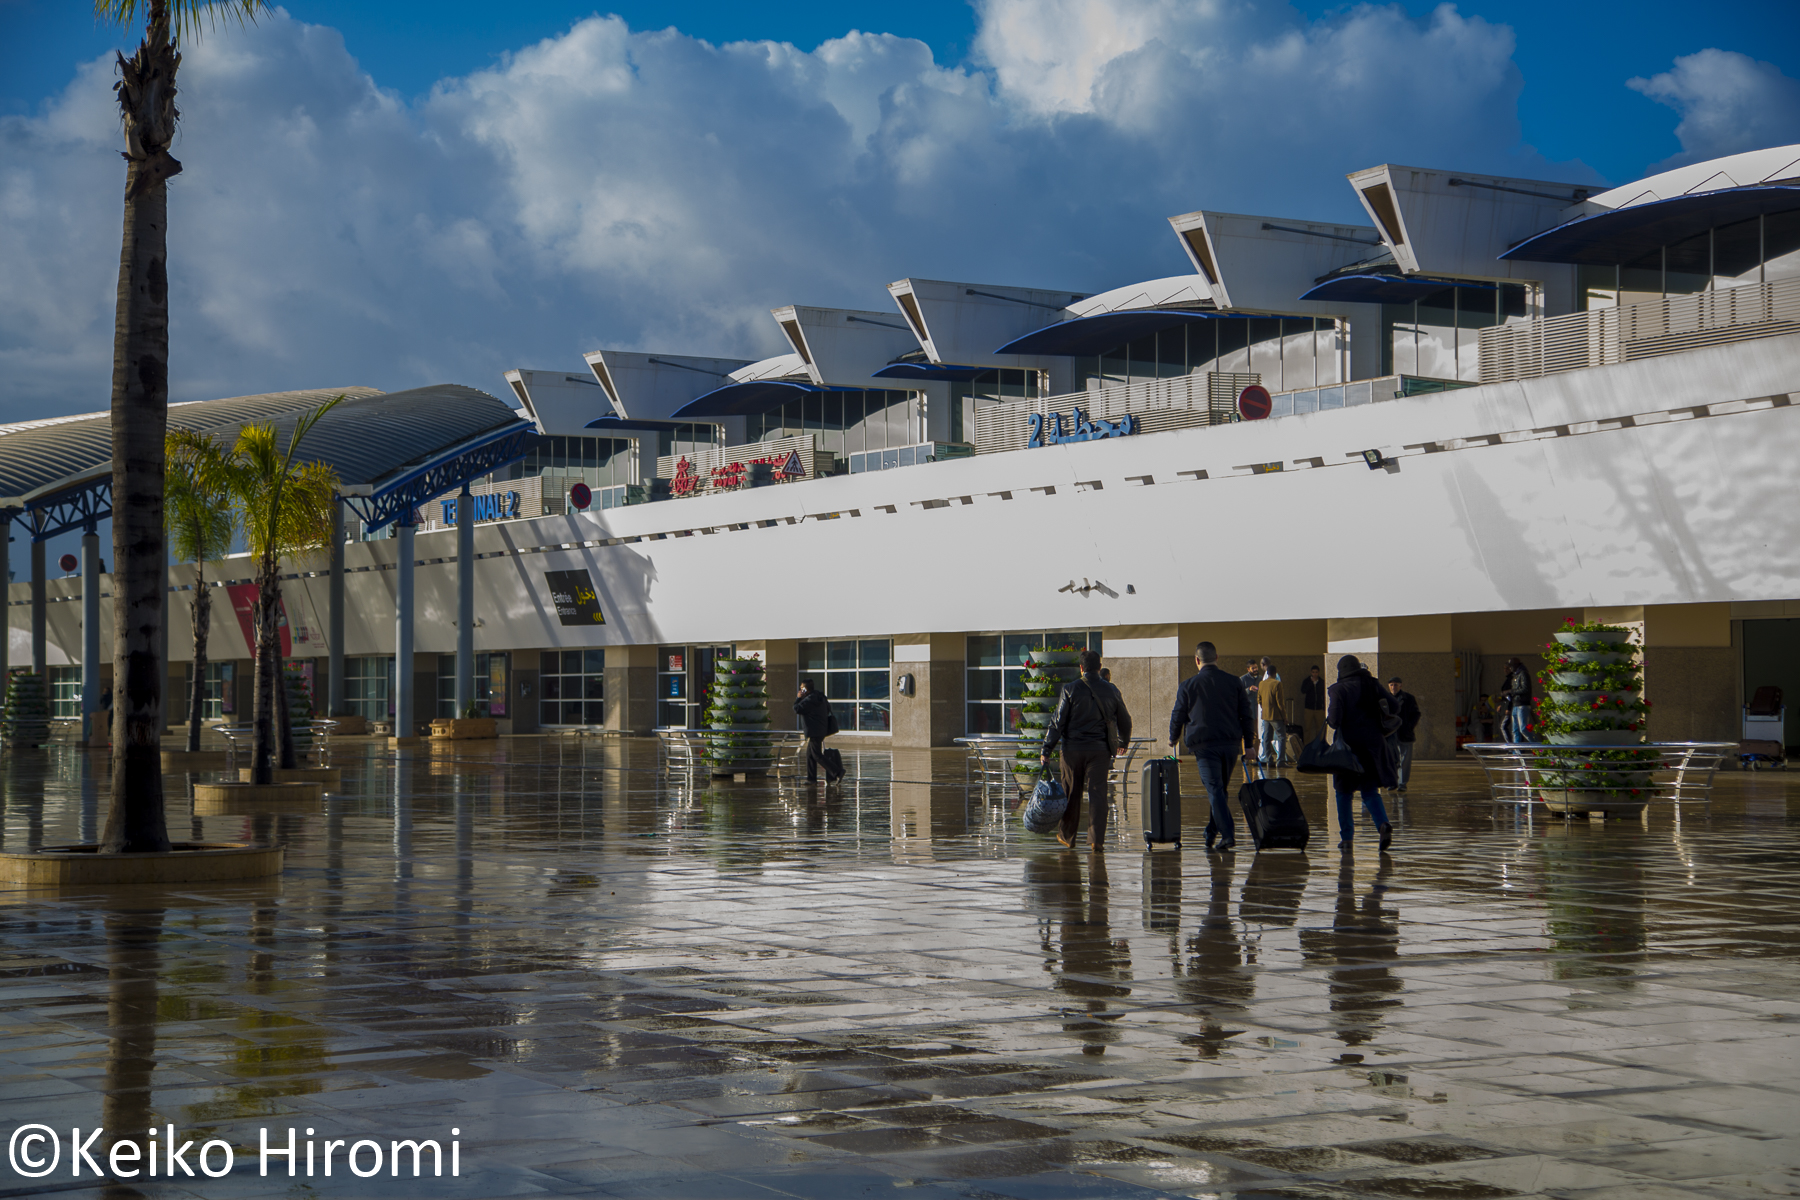 写真は雨上がりのカサブランカのムハンマド5世国際空港